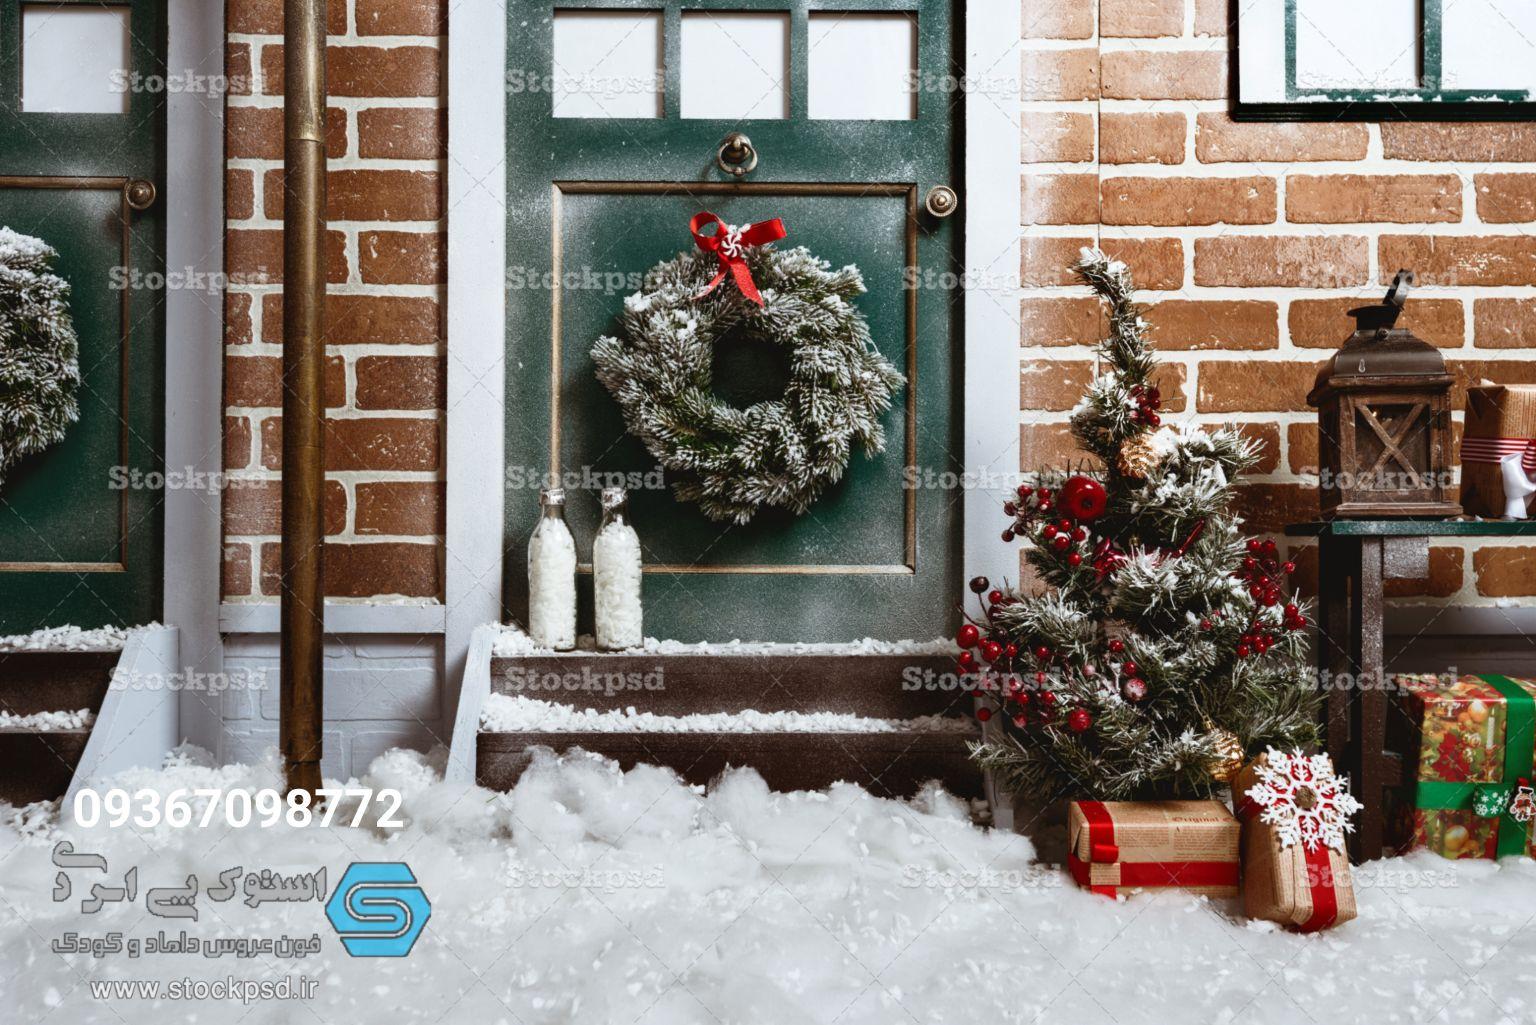 بک گراند زمستان کریسمس